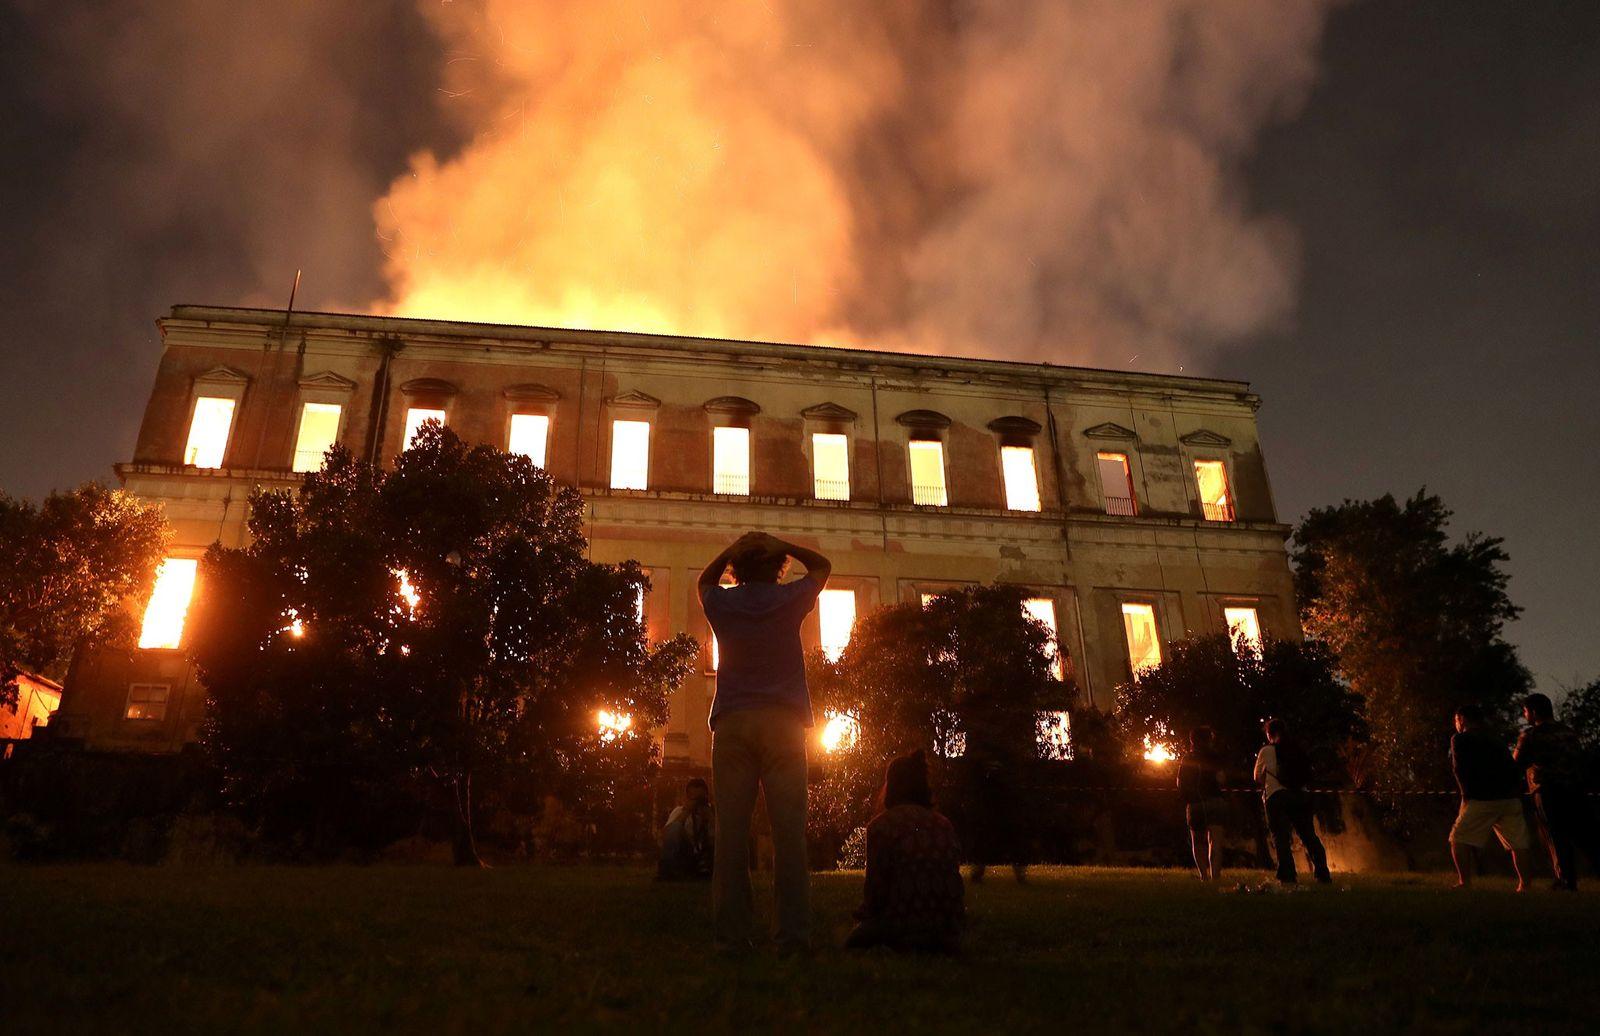 Luto e raiva se misturam depois do incêndio que devastou o Museu Nacional